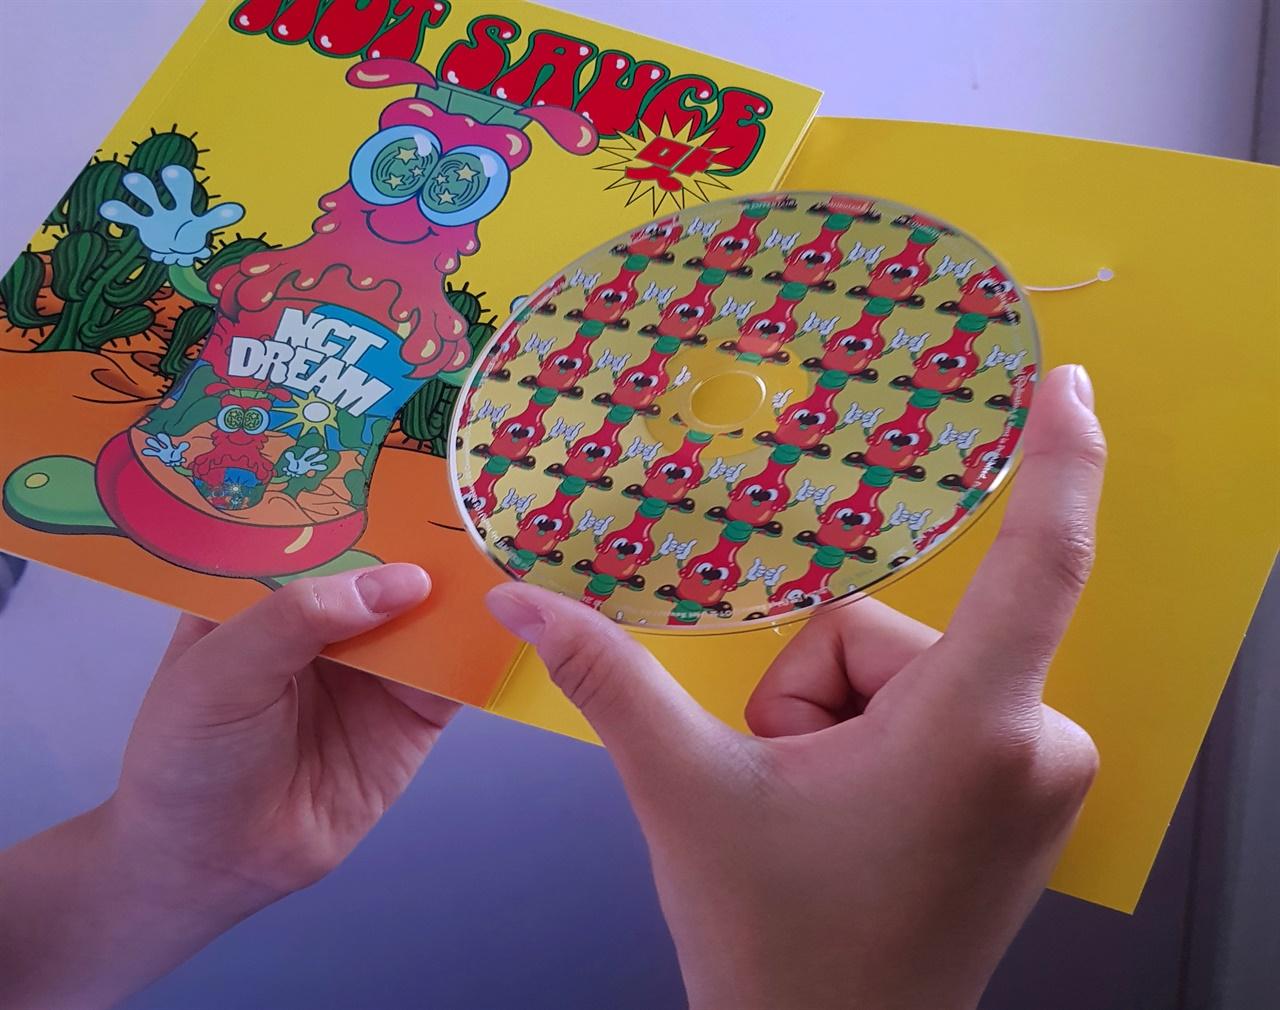 팬서비스 차원에서 CD앨범이 출시되고 있지만, 청소년들은 노래가 목적이 아니라 패키지로 들어있는 좋아하는 연예인의 포토카드 때문에 구매하는 경우가  대부분이라고 한다.